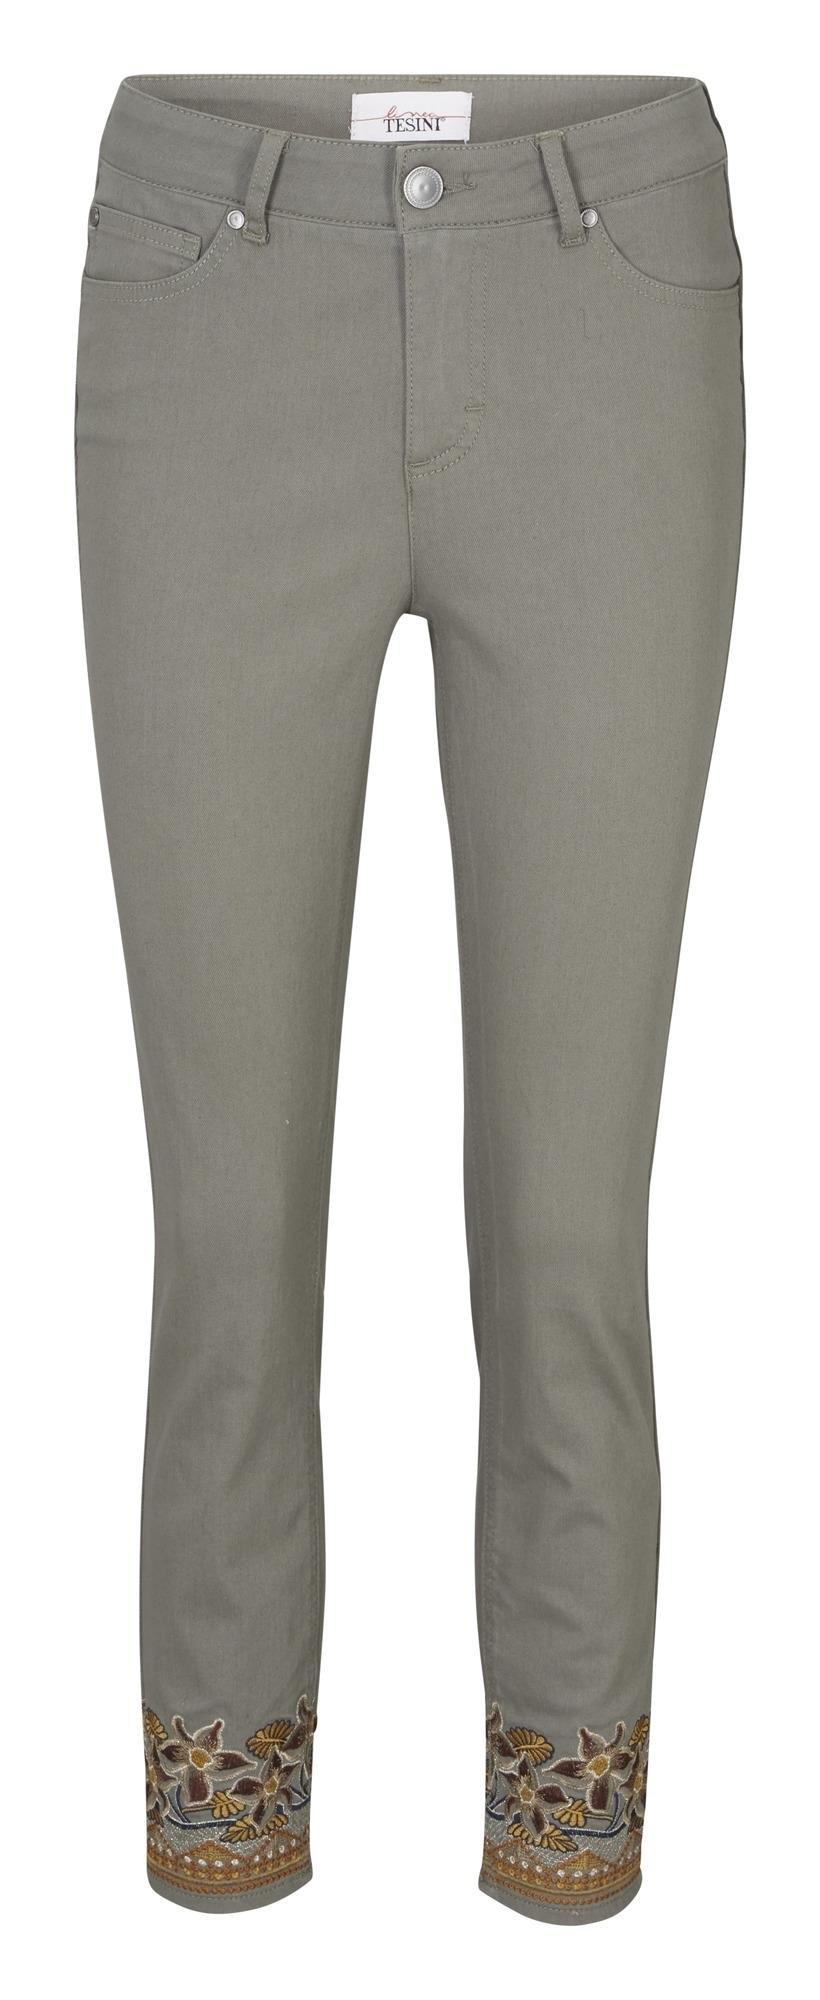 Linea Tesini By Heine Push-up-Jeans nu online bestellen